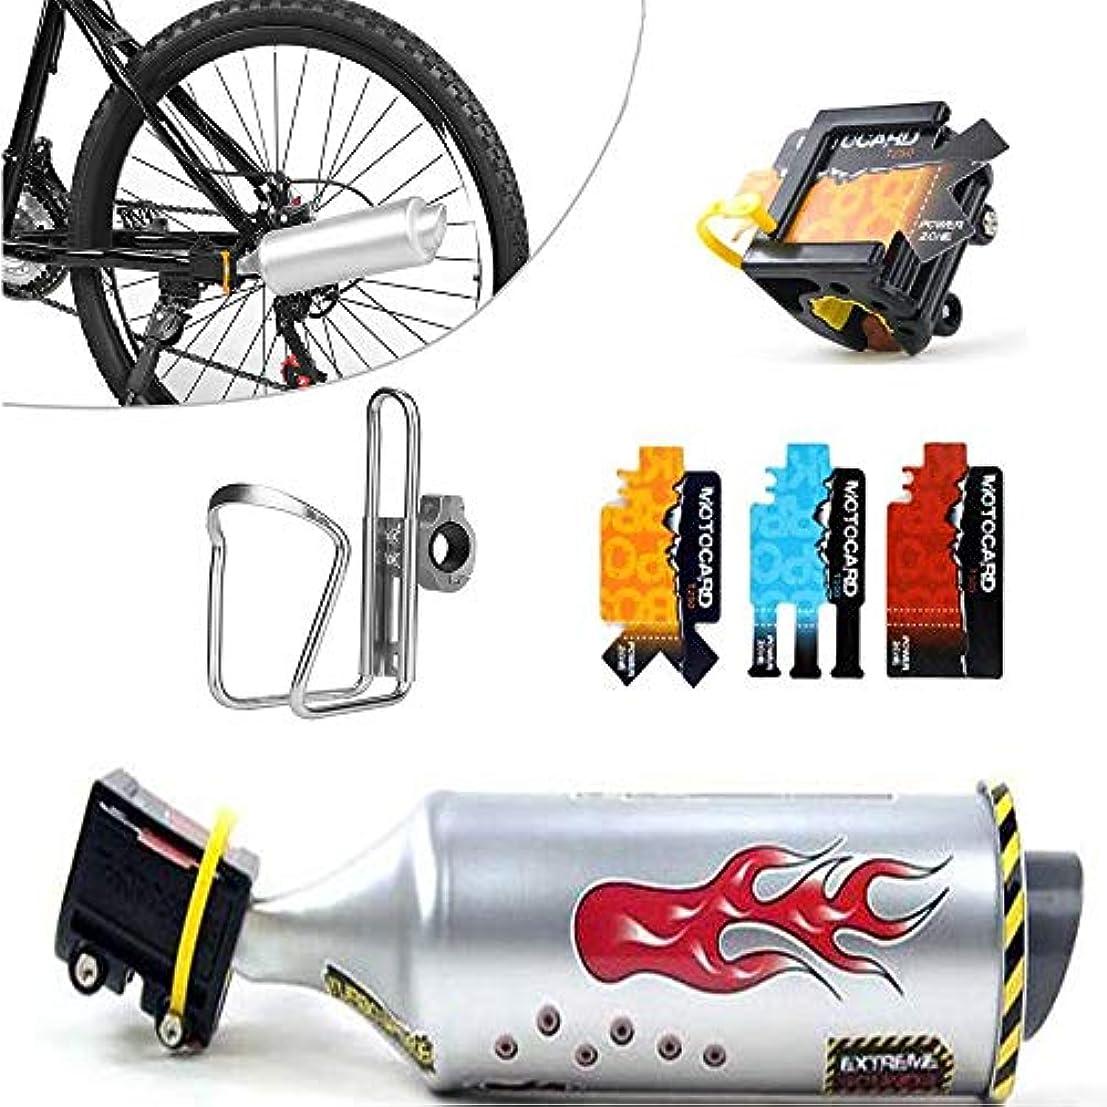 カートンしたがって剣自転車排気管アルミ合金ボトルケージキッズ自転車タービンスポーク装飾改造排気管DIYラベルオーディオプラスチックバンド6サウンドカード簡単にインストールできる16-22インチ自転車に適した誕生日プレゼン